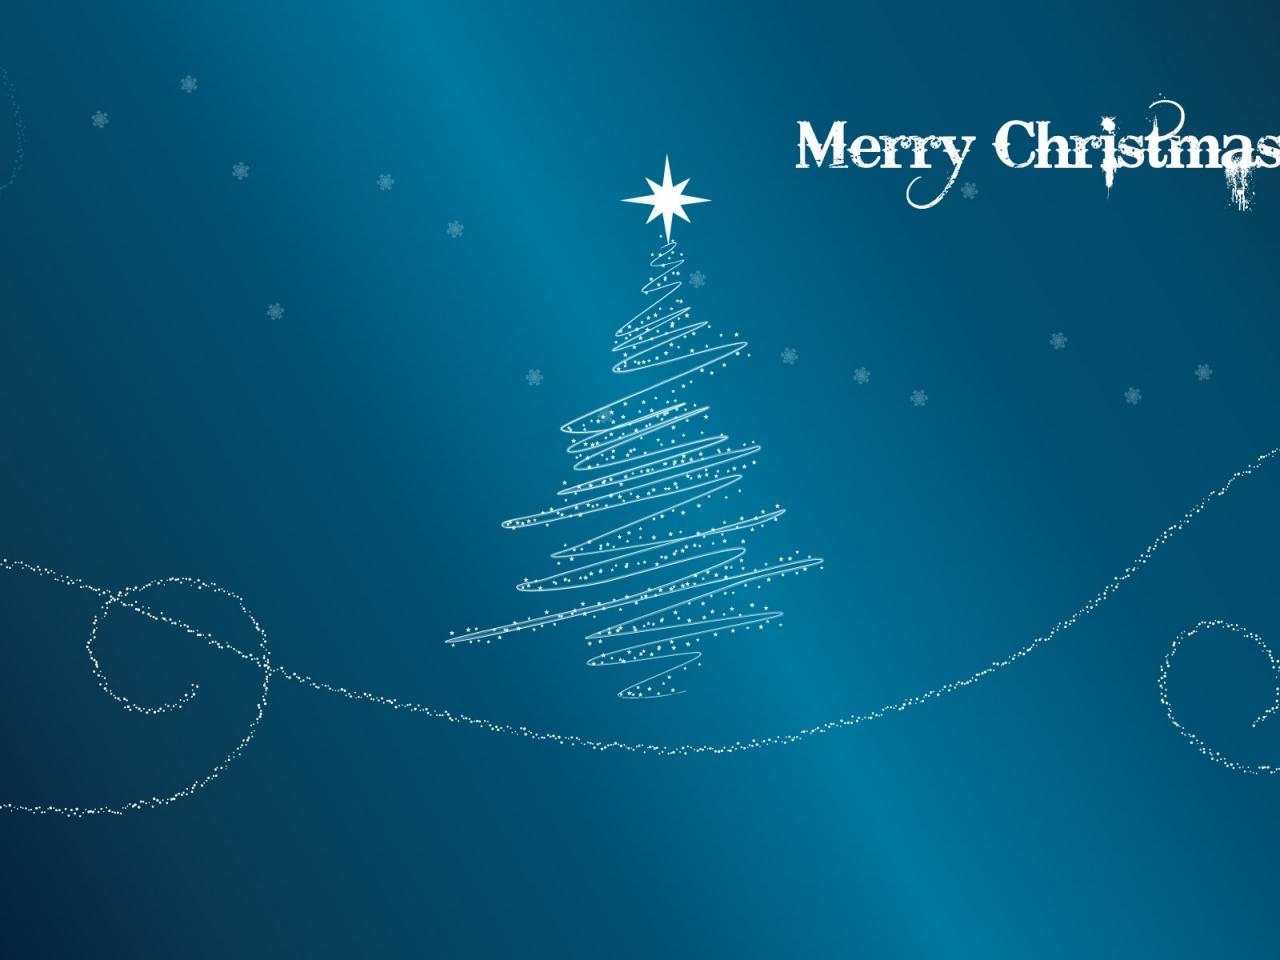 Fondo azul acero con arbol de navidad - 1280x960